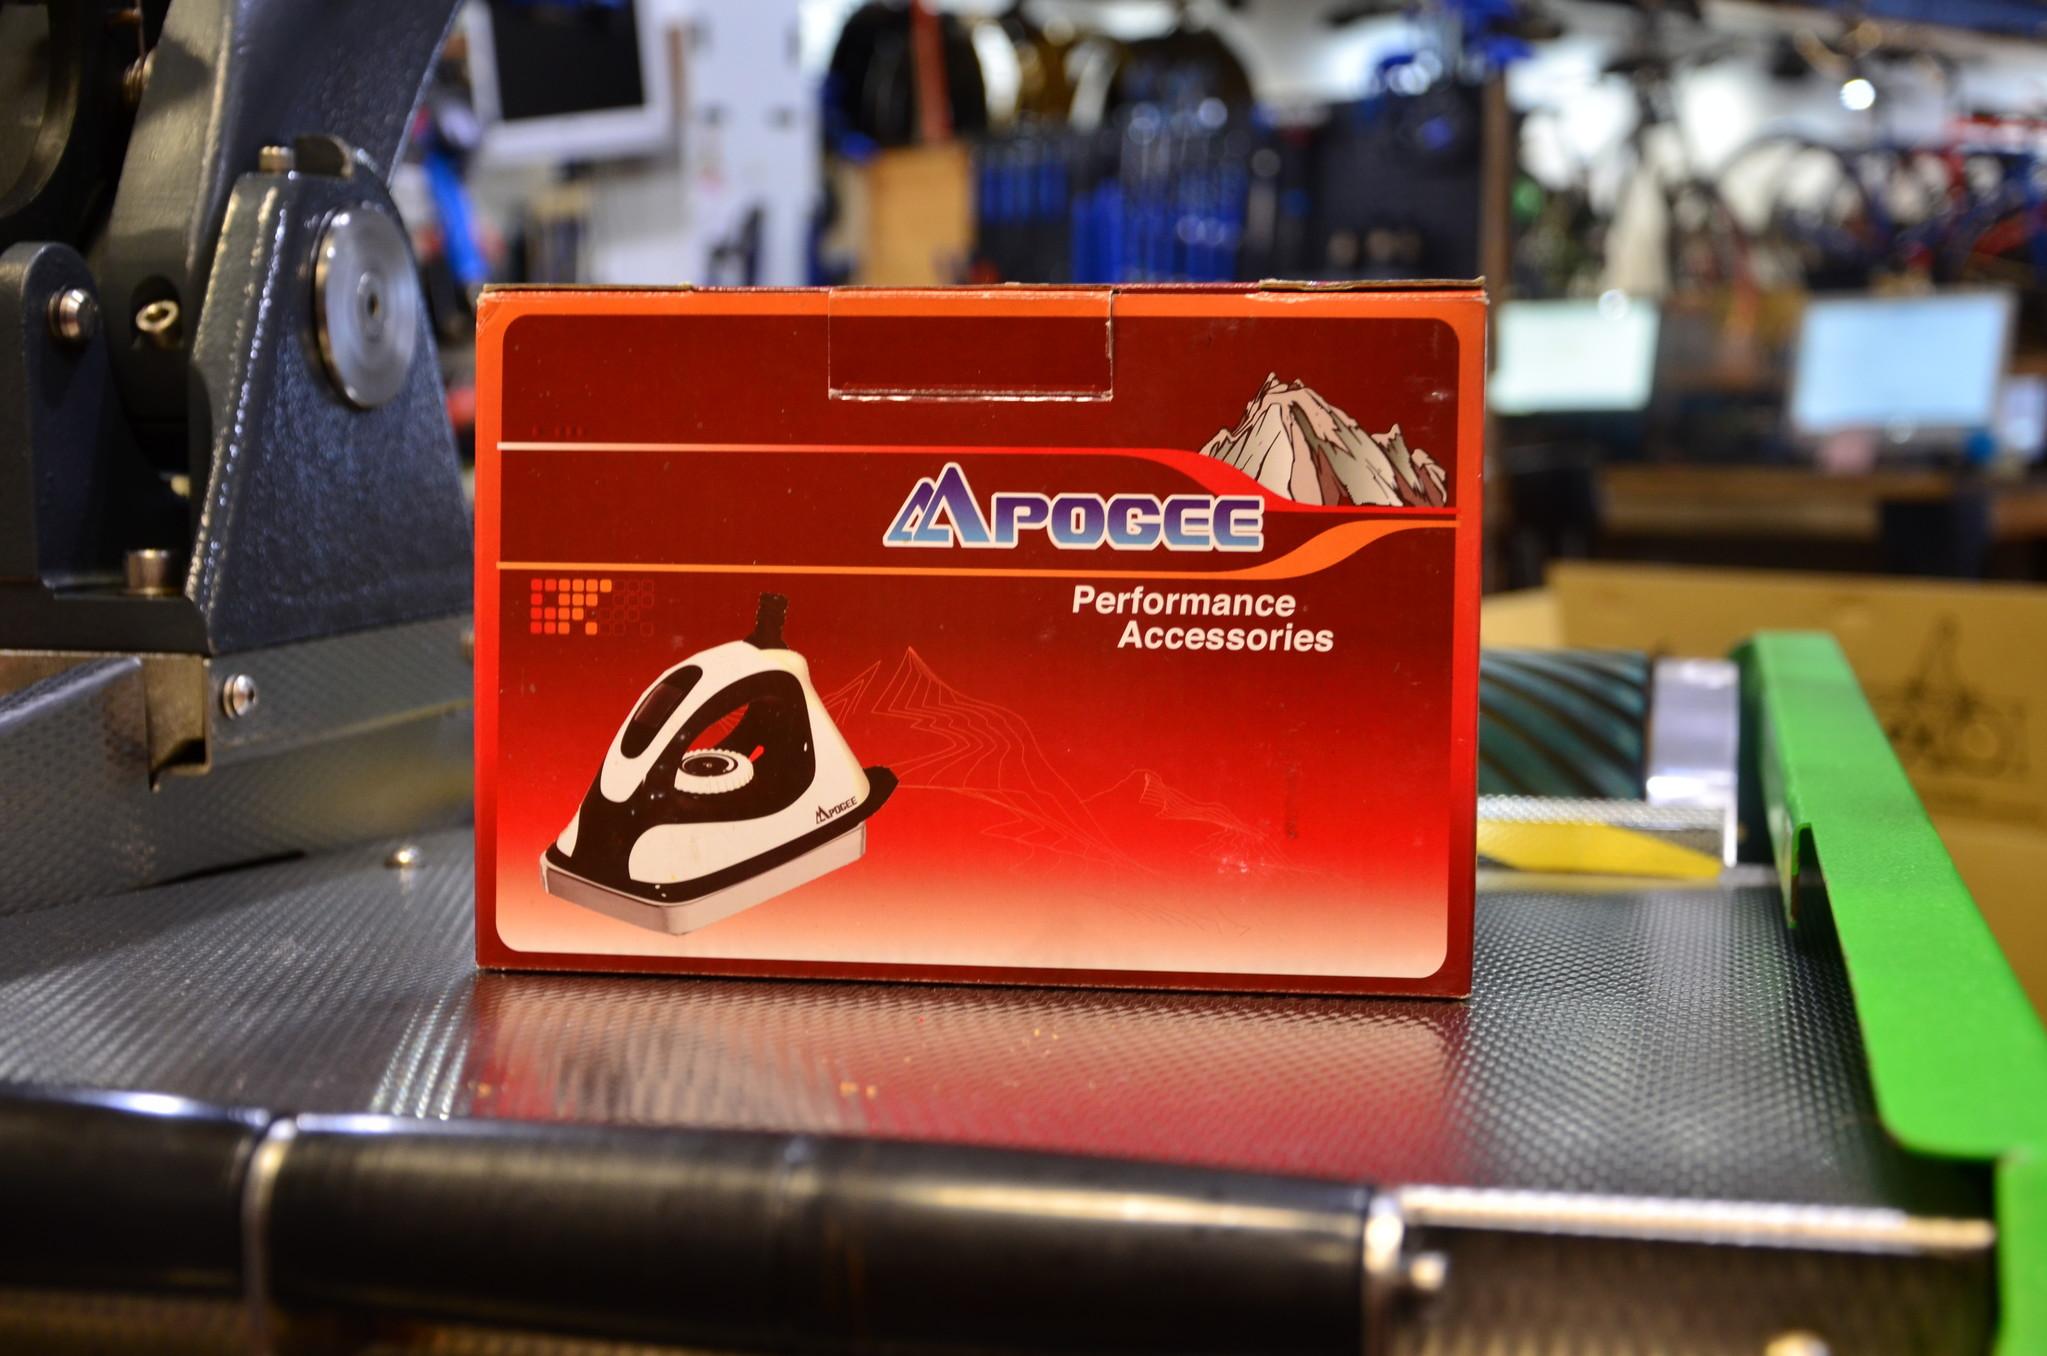 Apogee WAX IRON Apogee Ski/Snowboard Waxing Iron 212-320 degree range